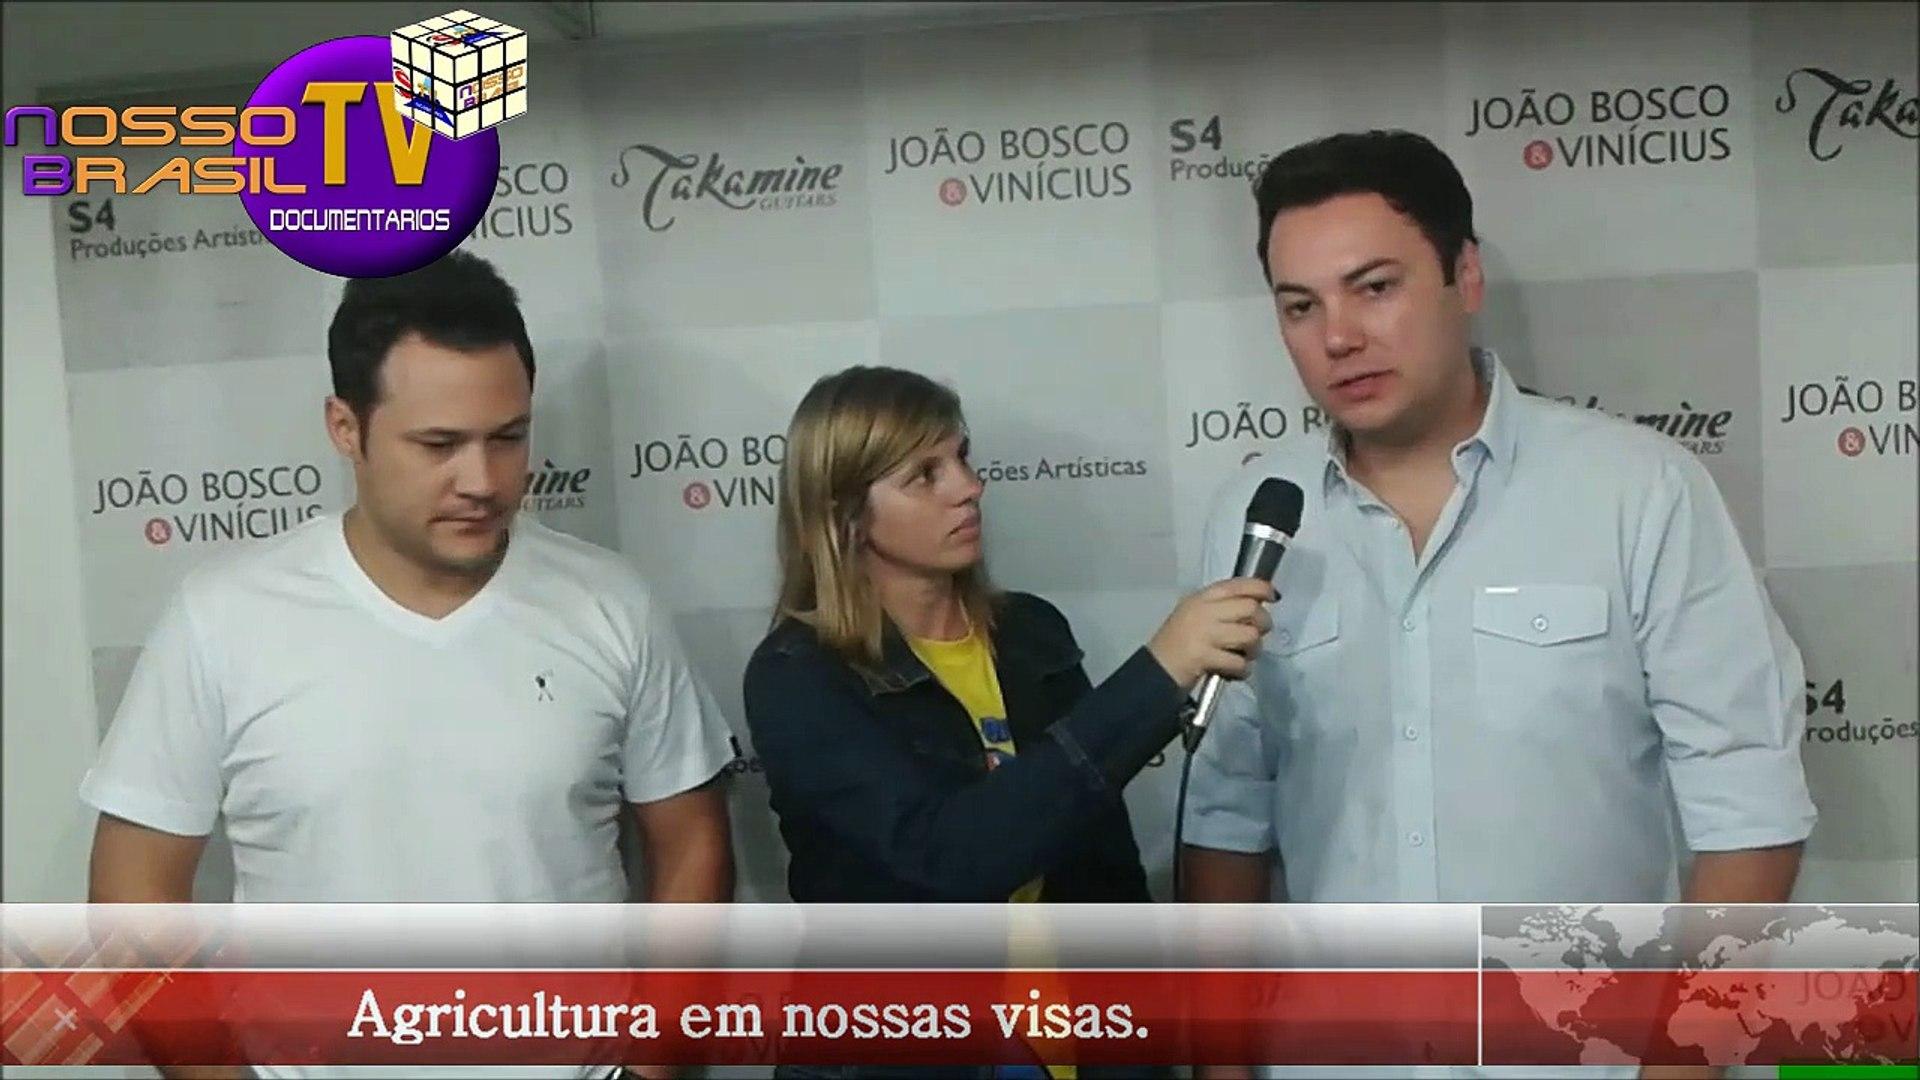 João Bosco & Vinicius Parte 1